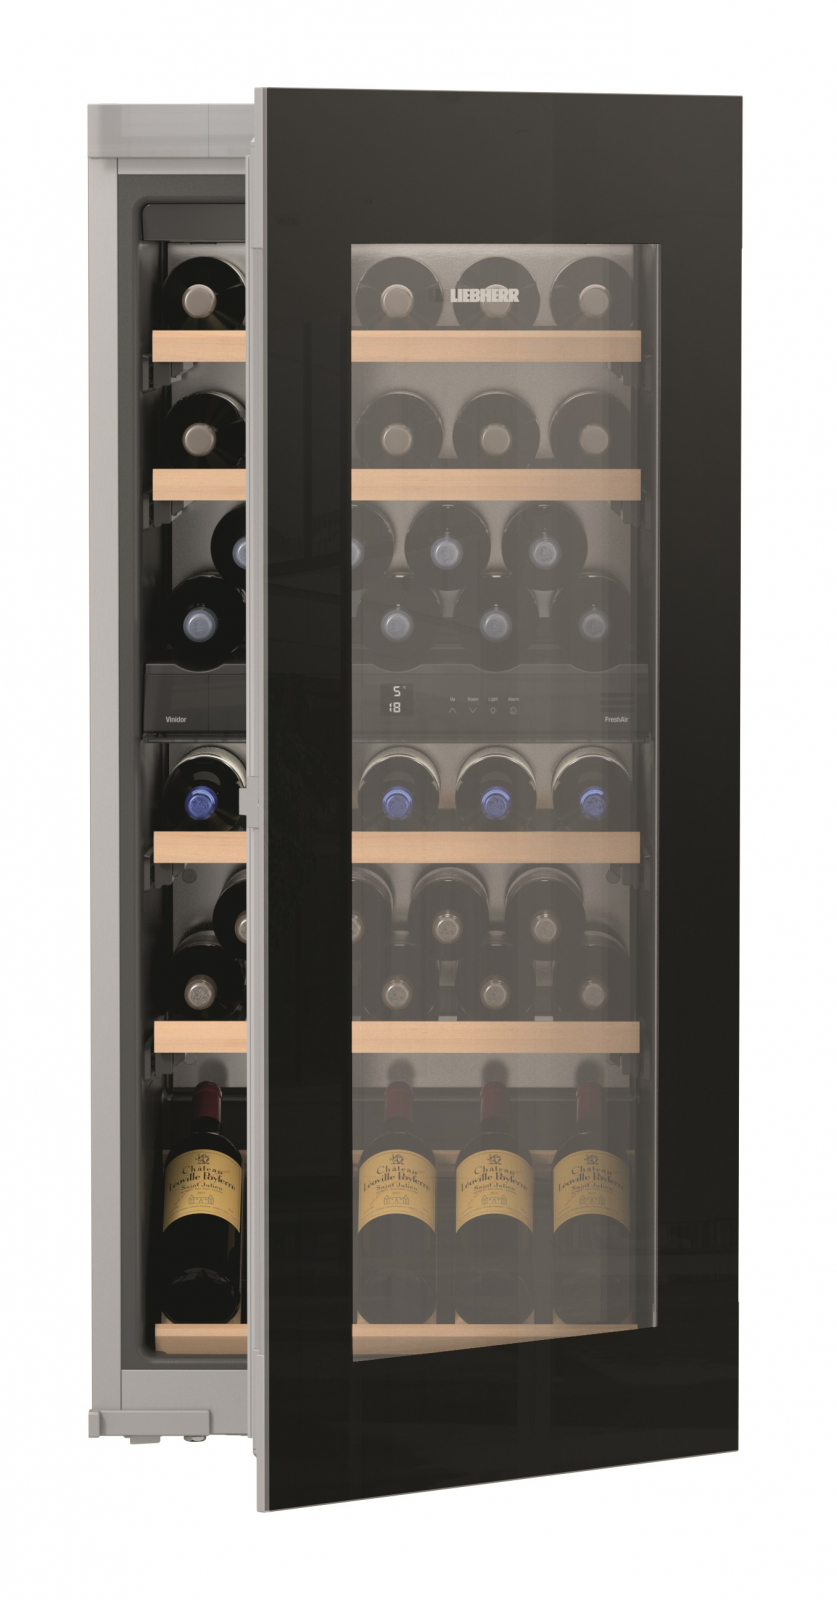 Встраиваемый винный шкаф Liebherr EWTgb 2383 купить украина